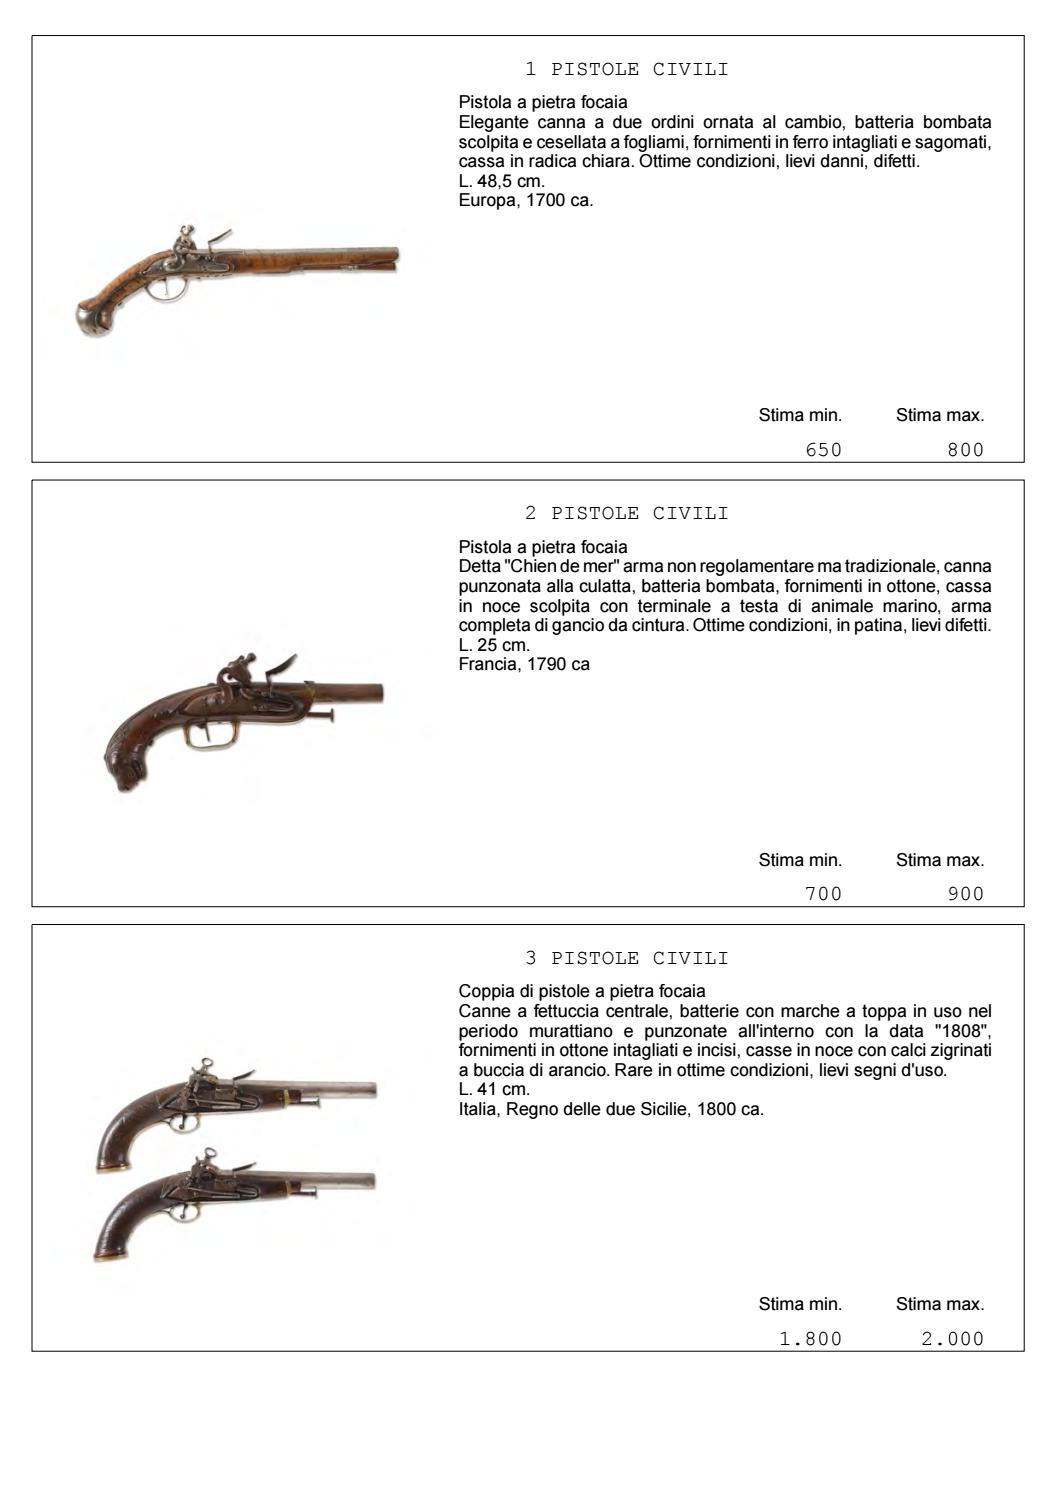 datazione Winchester modello 70